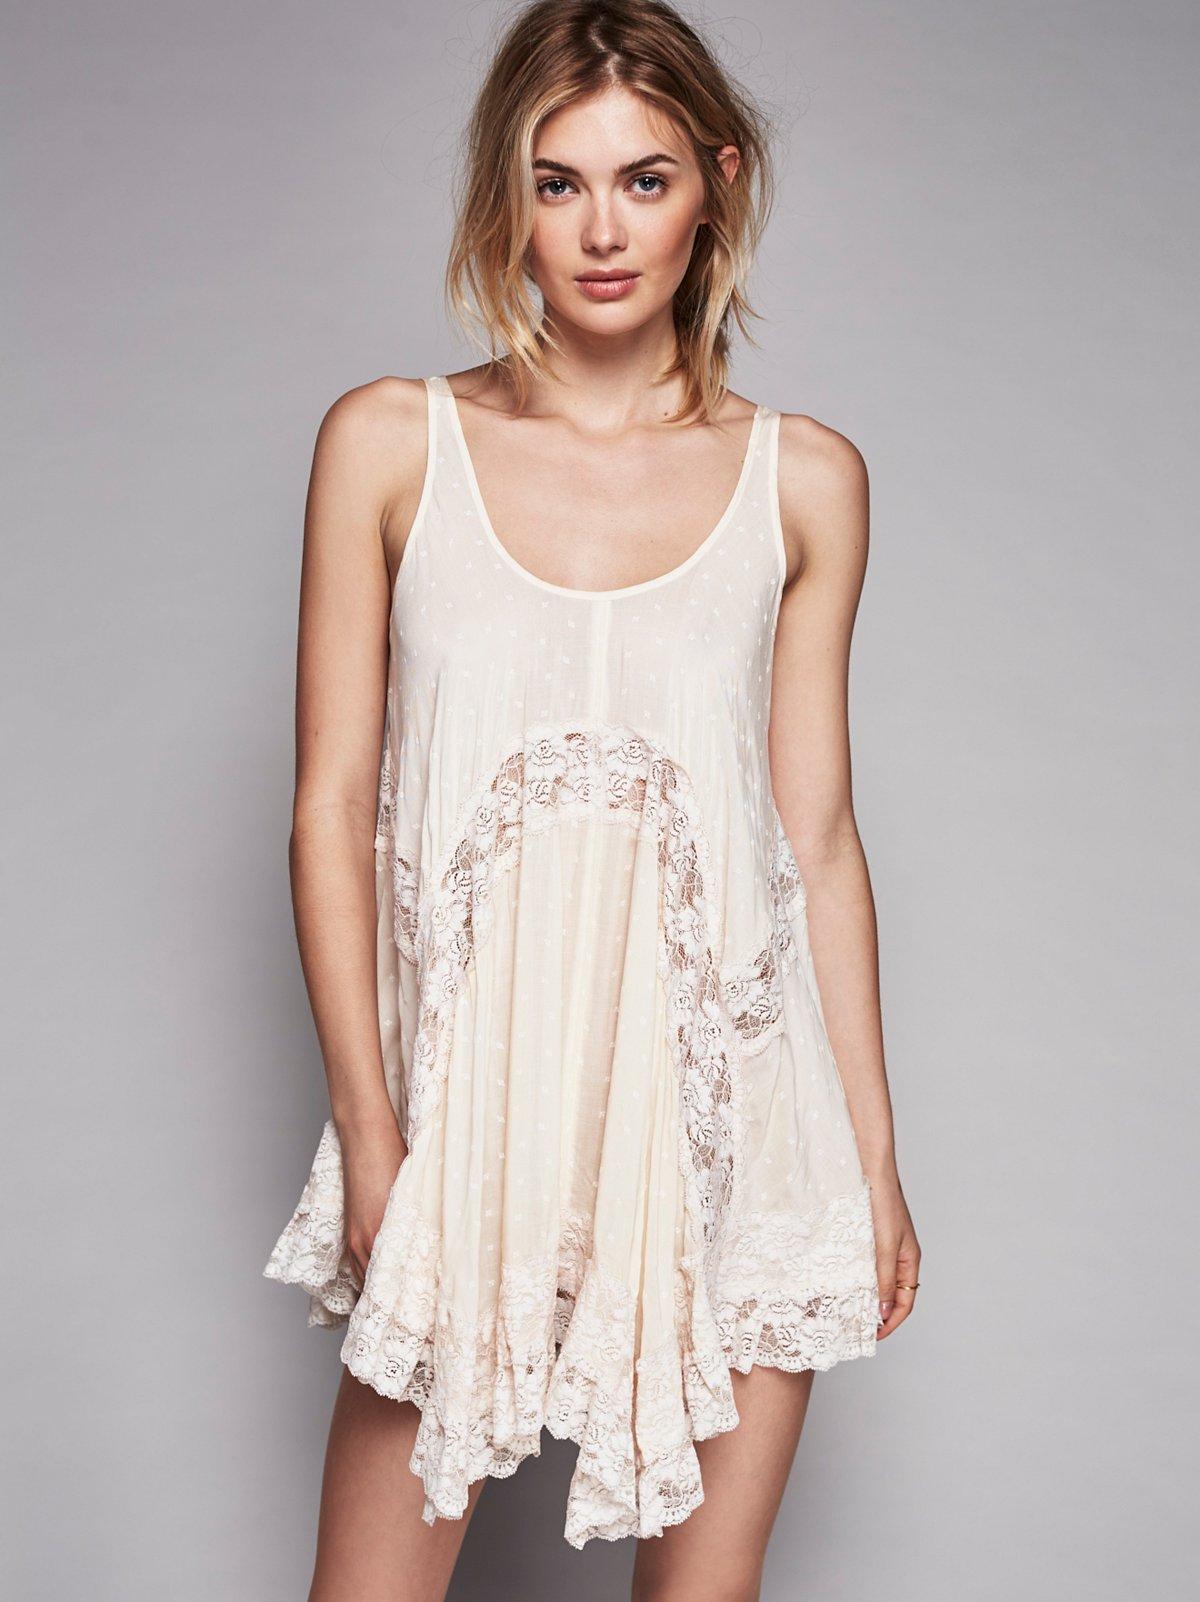 Shop Now: 35 Boho Dresses